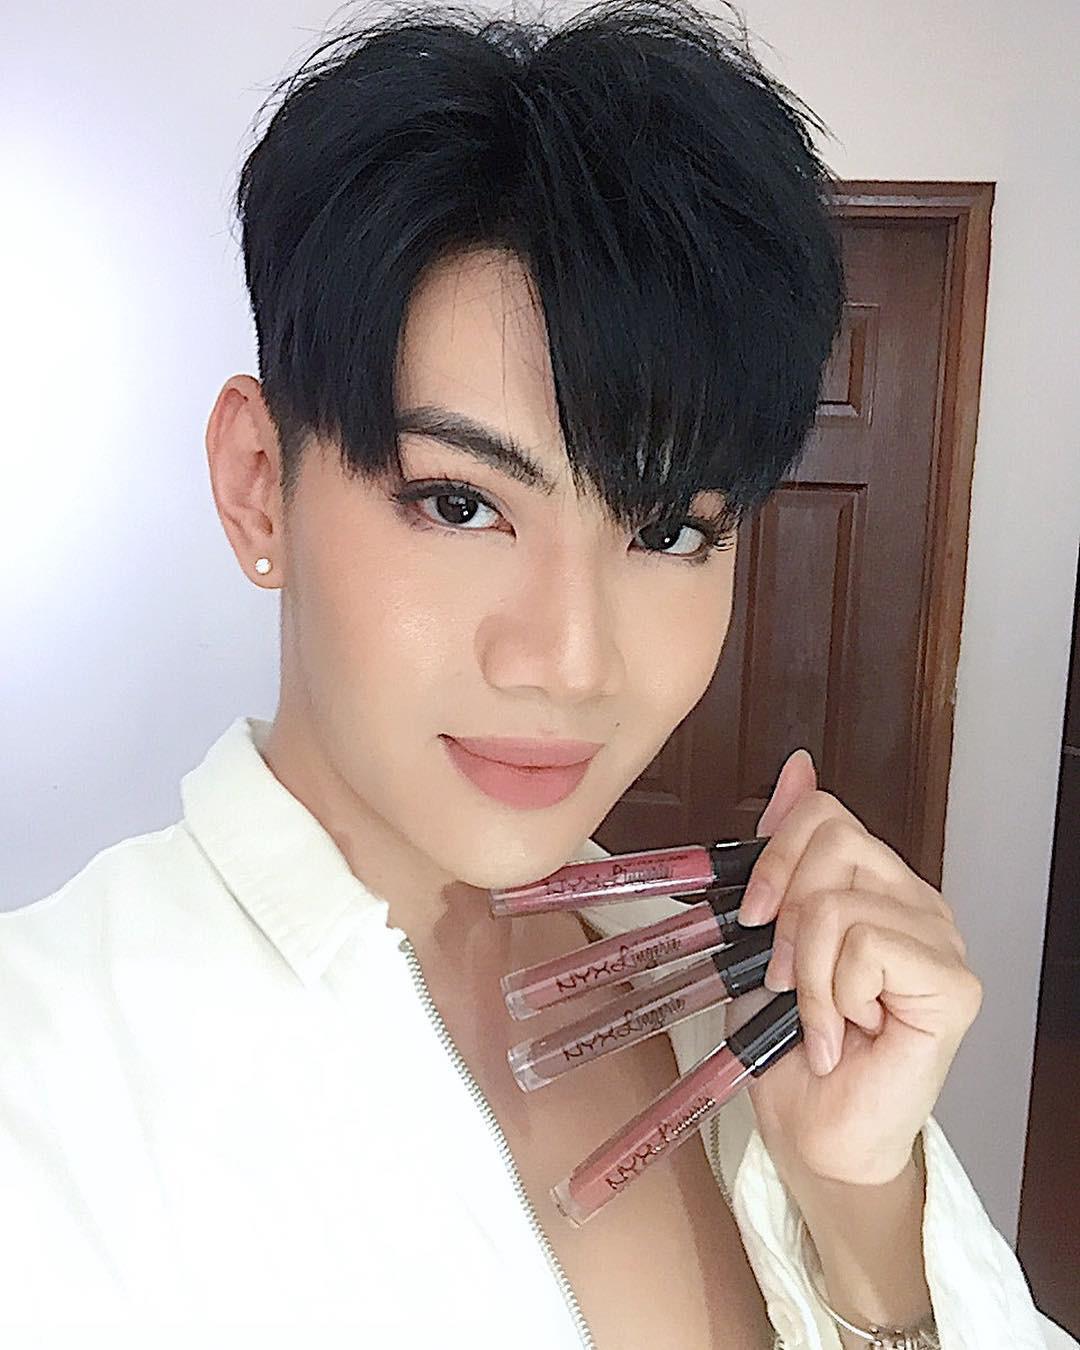 Đào Bá Lộc tự nhận mình là 'Hoa hậu' trong sự ngỡ ngàng của fan hâm mộ - Ảnh 5